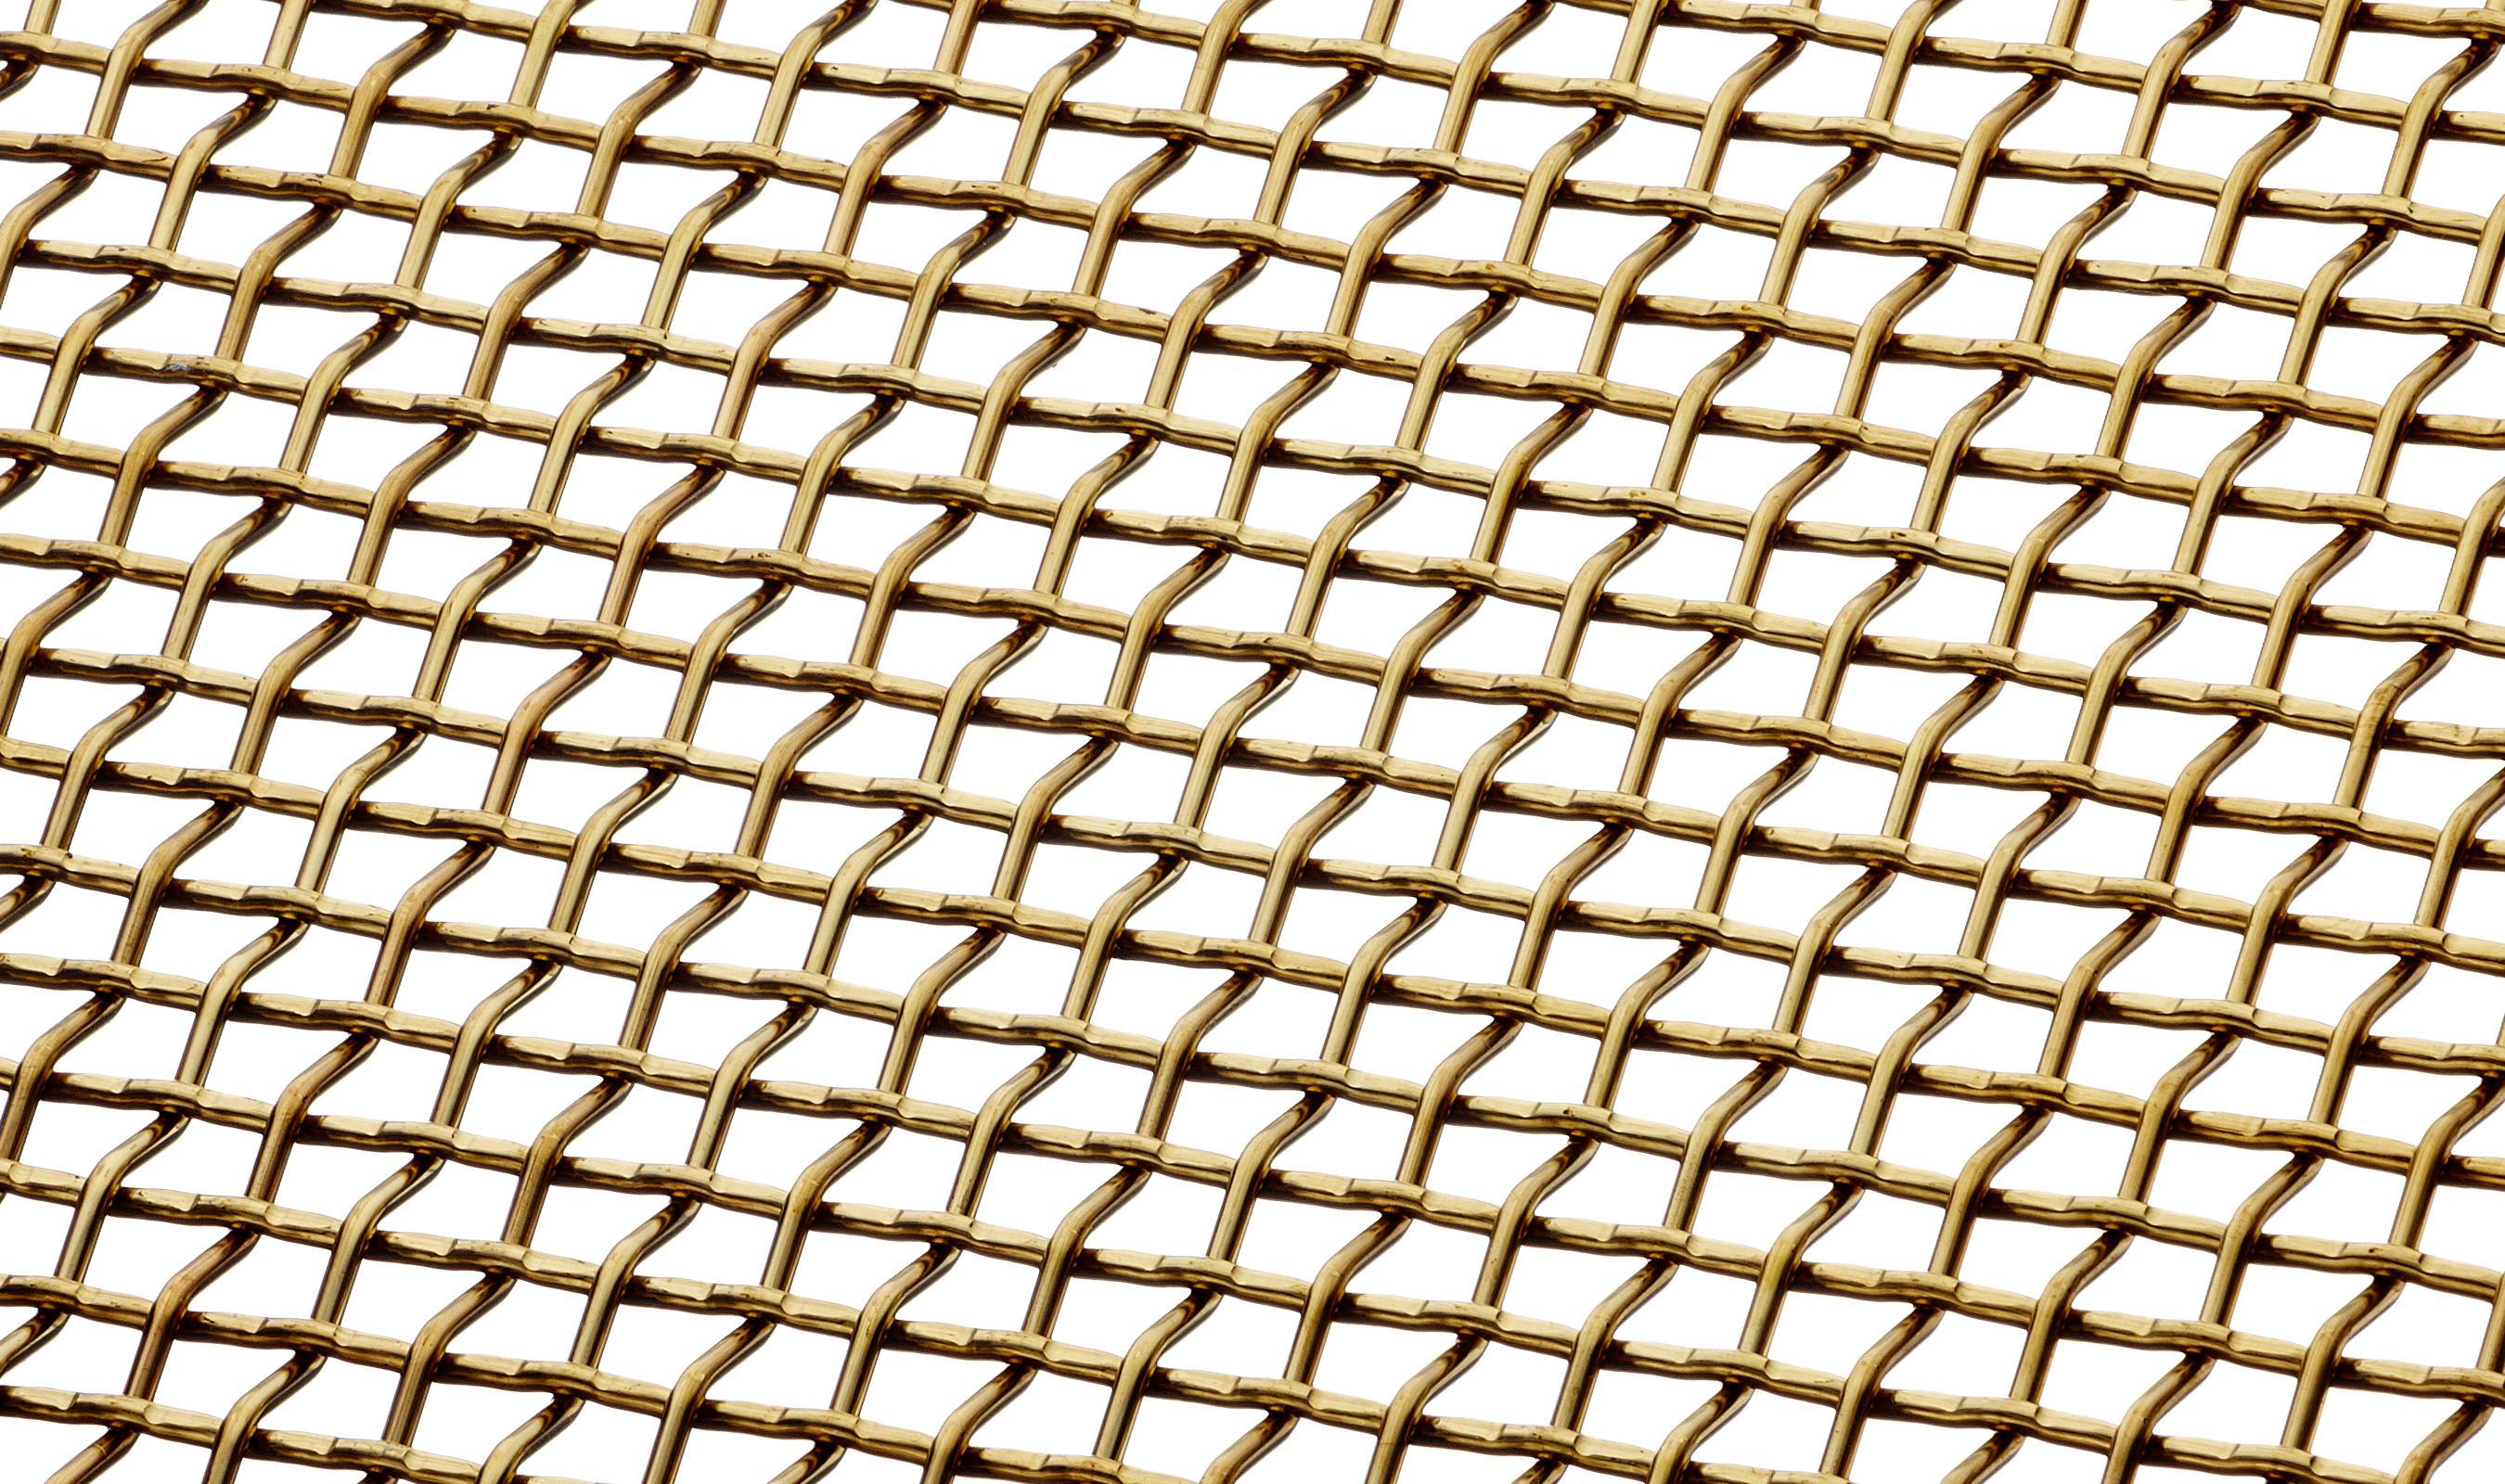 LP-24 Bronze wire mesh